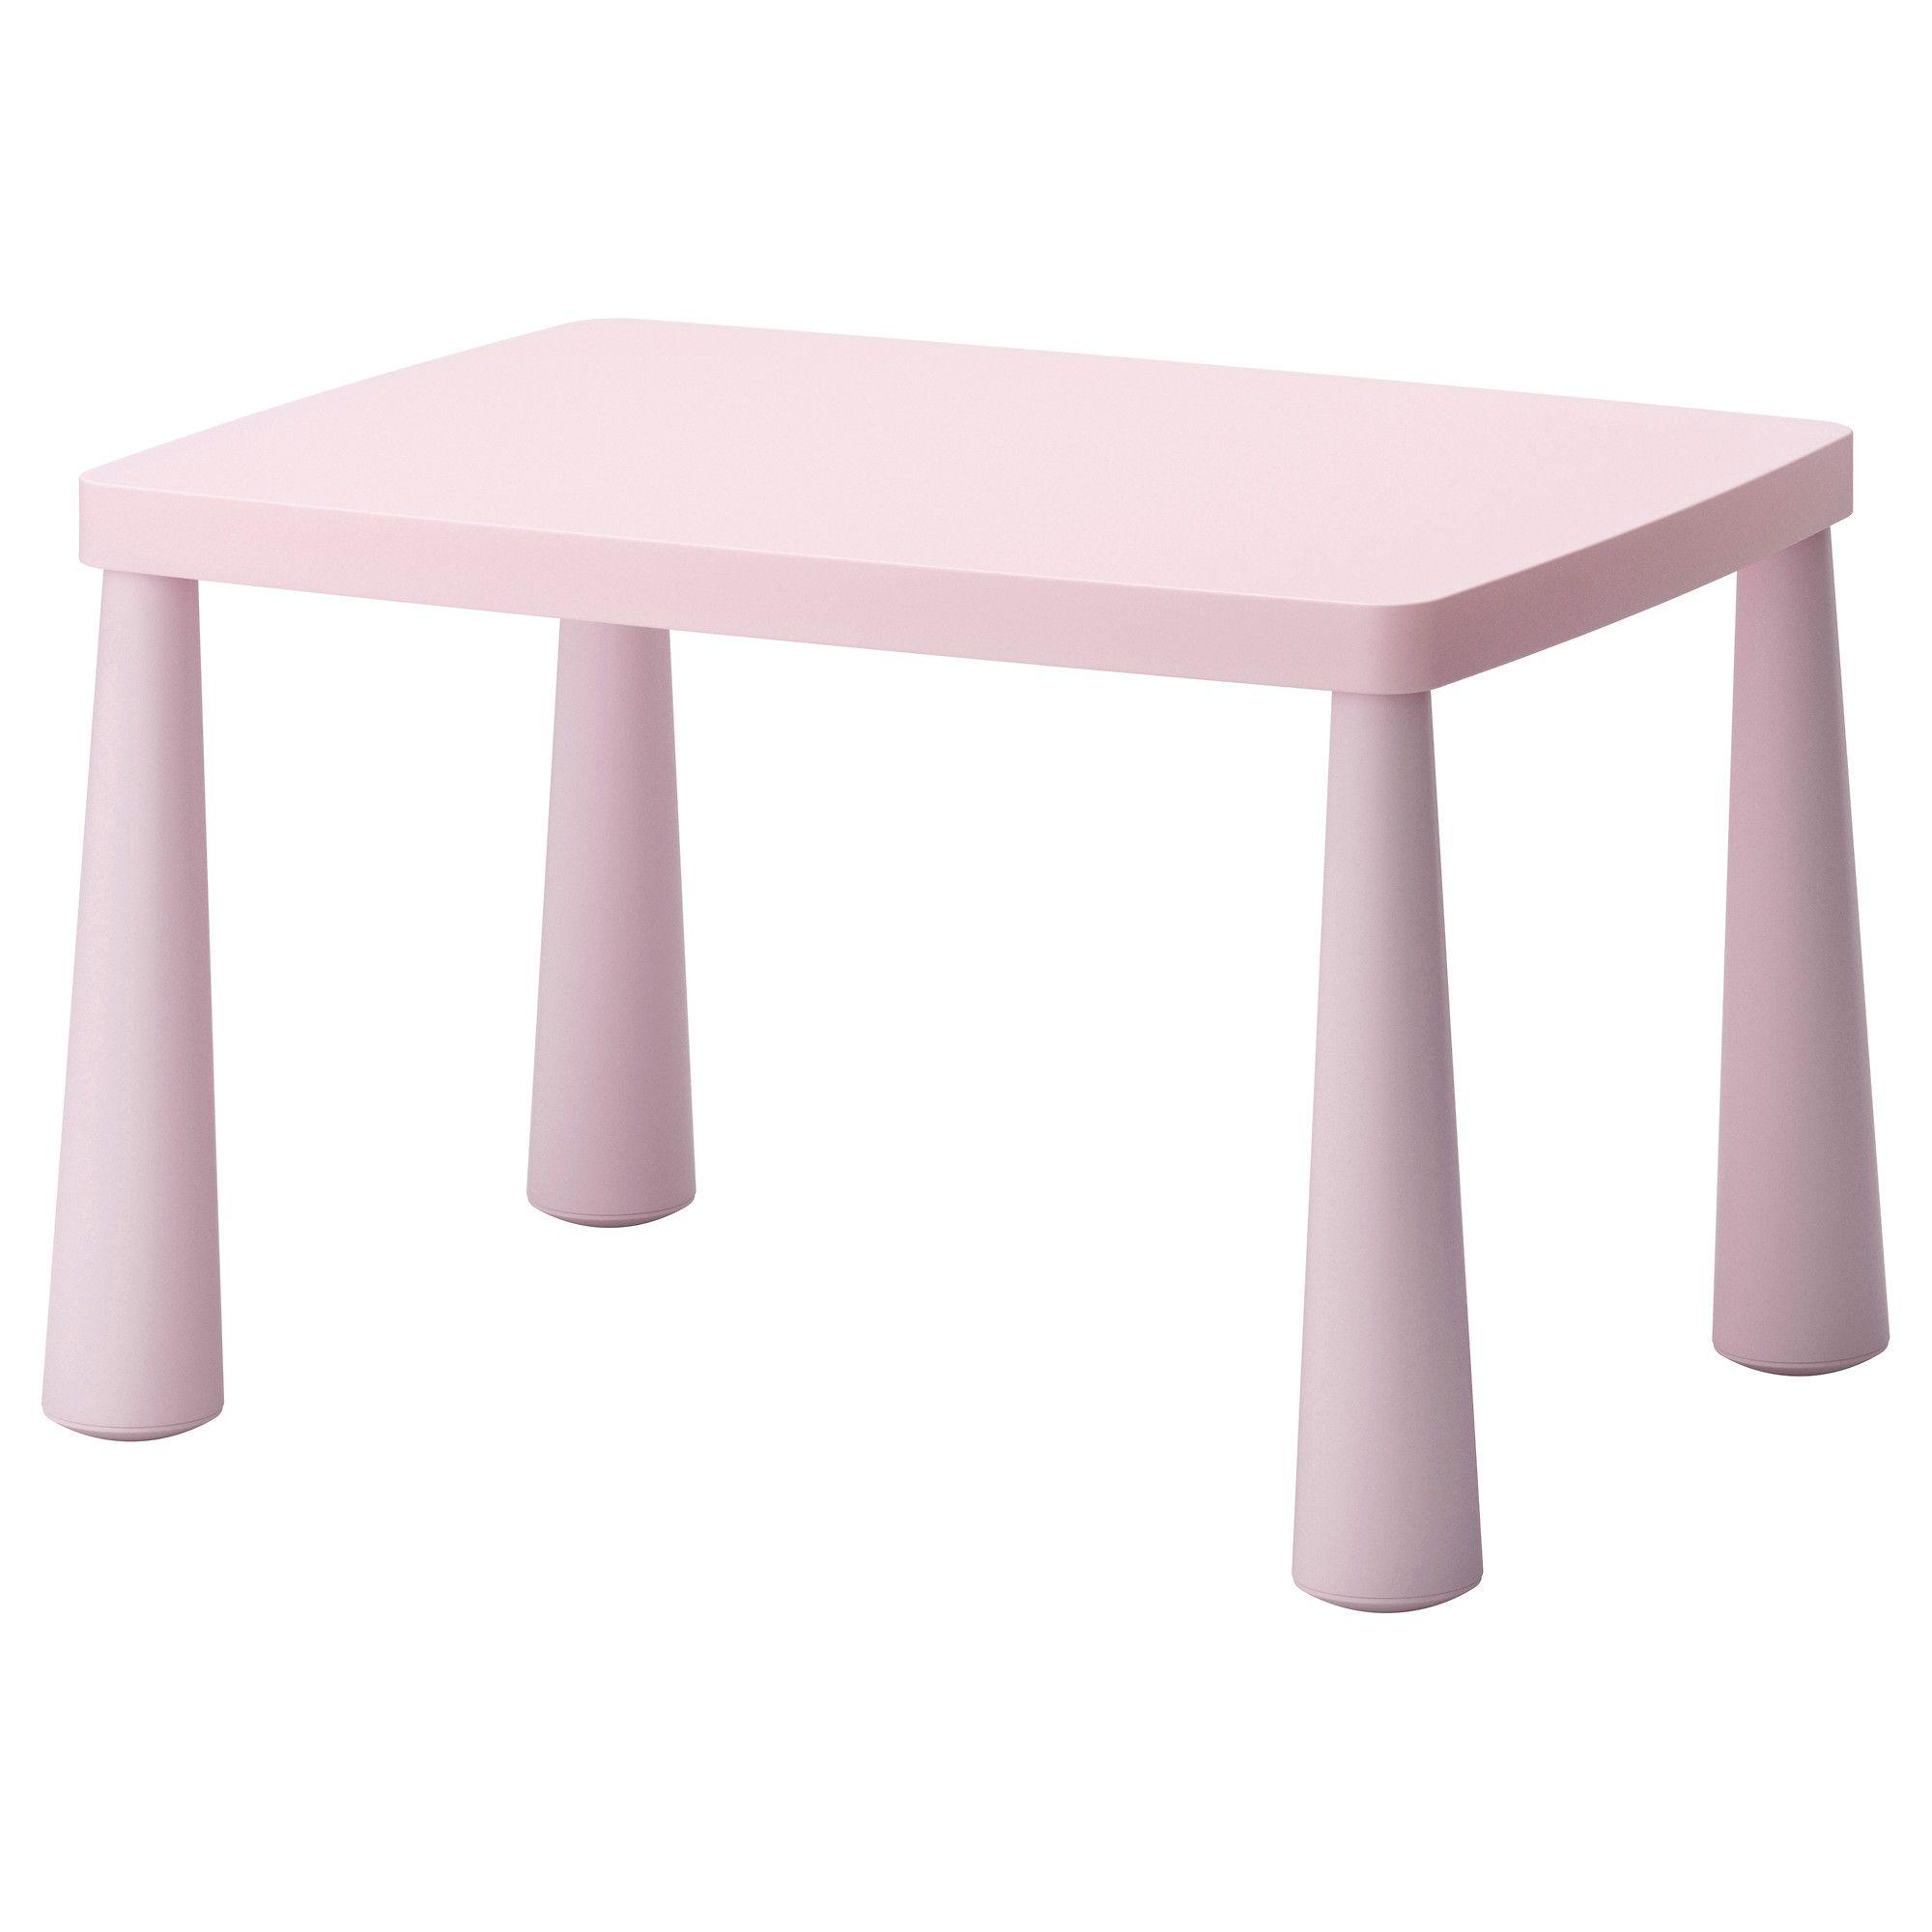 accessoiresTable et enfantTable ikea chaise Meubles et L5jA4R